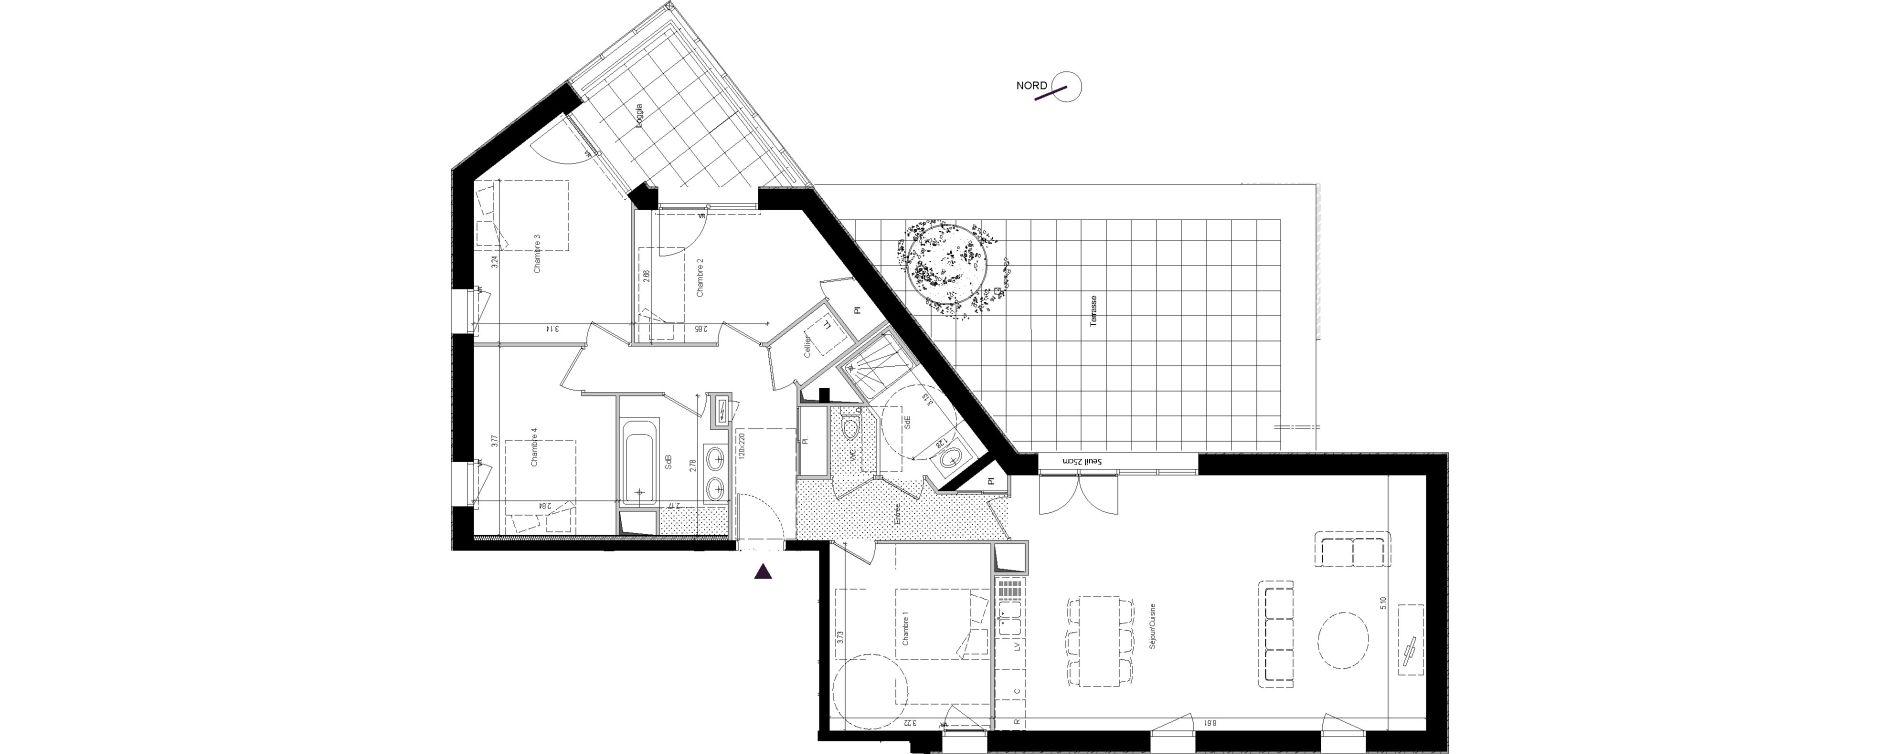 Appartement T5 de 113,42 m2 à Rennes Rennes beauregard